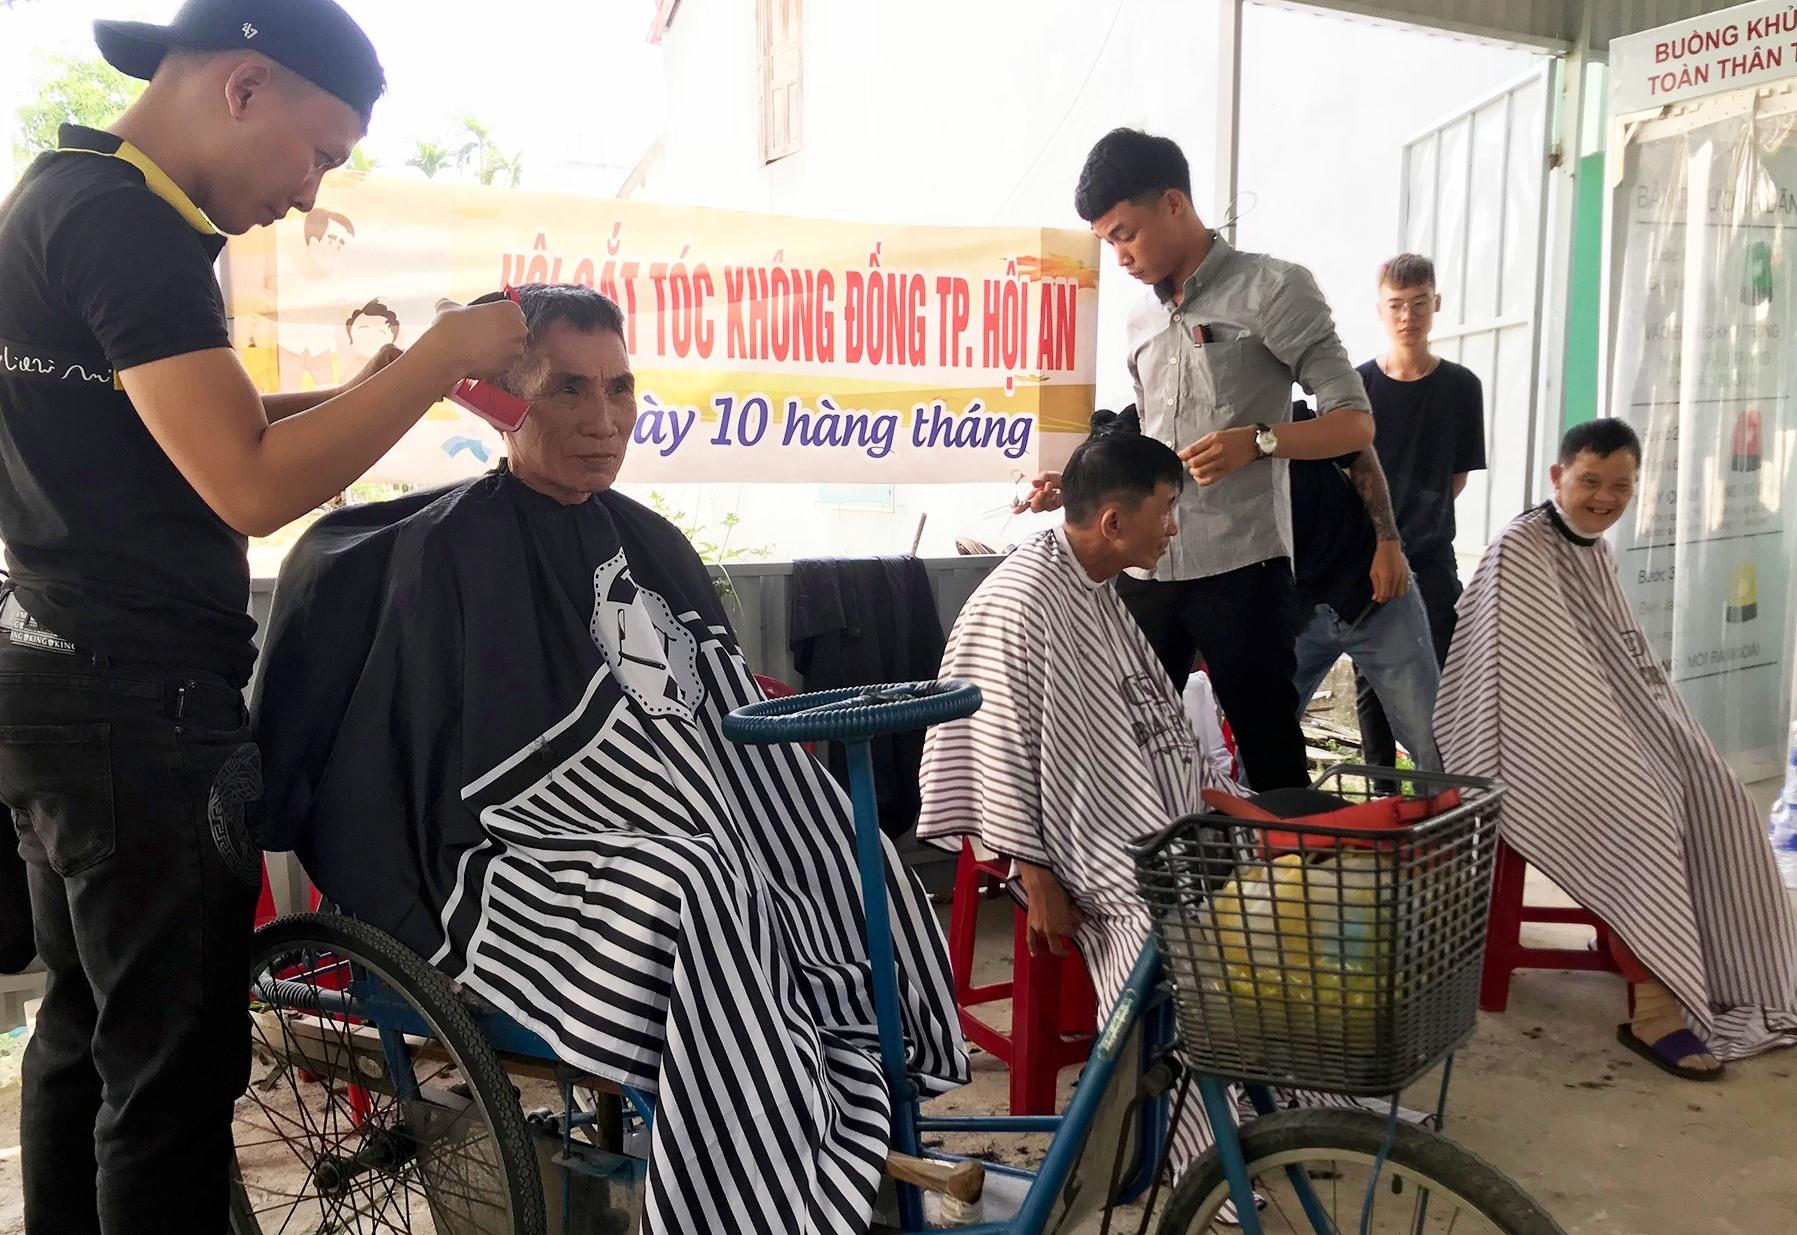 Nhóm thợ Tuấn Liên cắt tóc miễn phí cho người đến nhận gạo